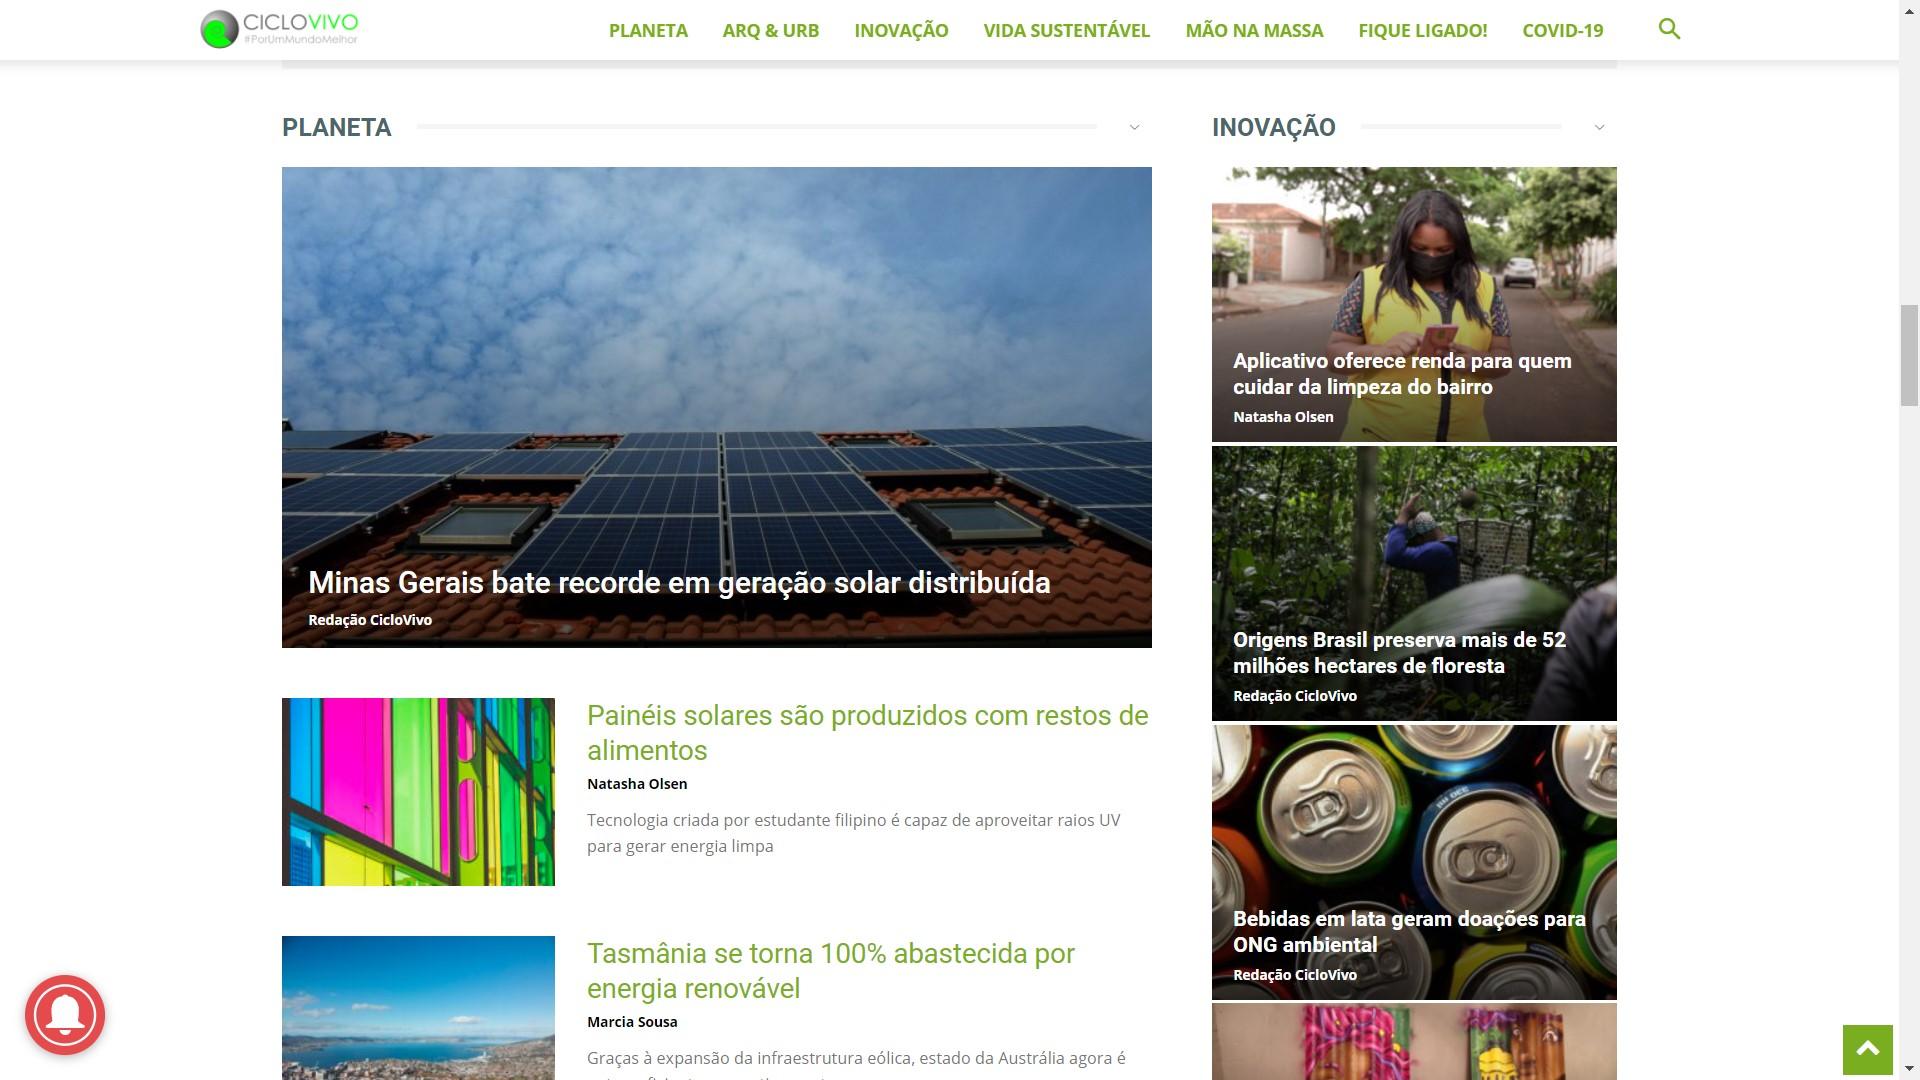 Zeladoria ambiental em destaque no Ciclo Vivo